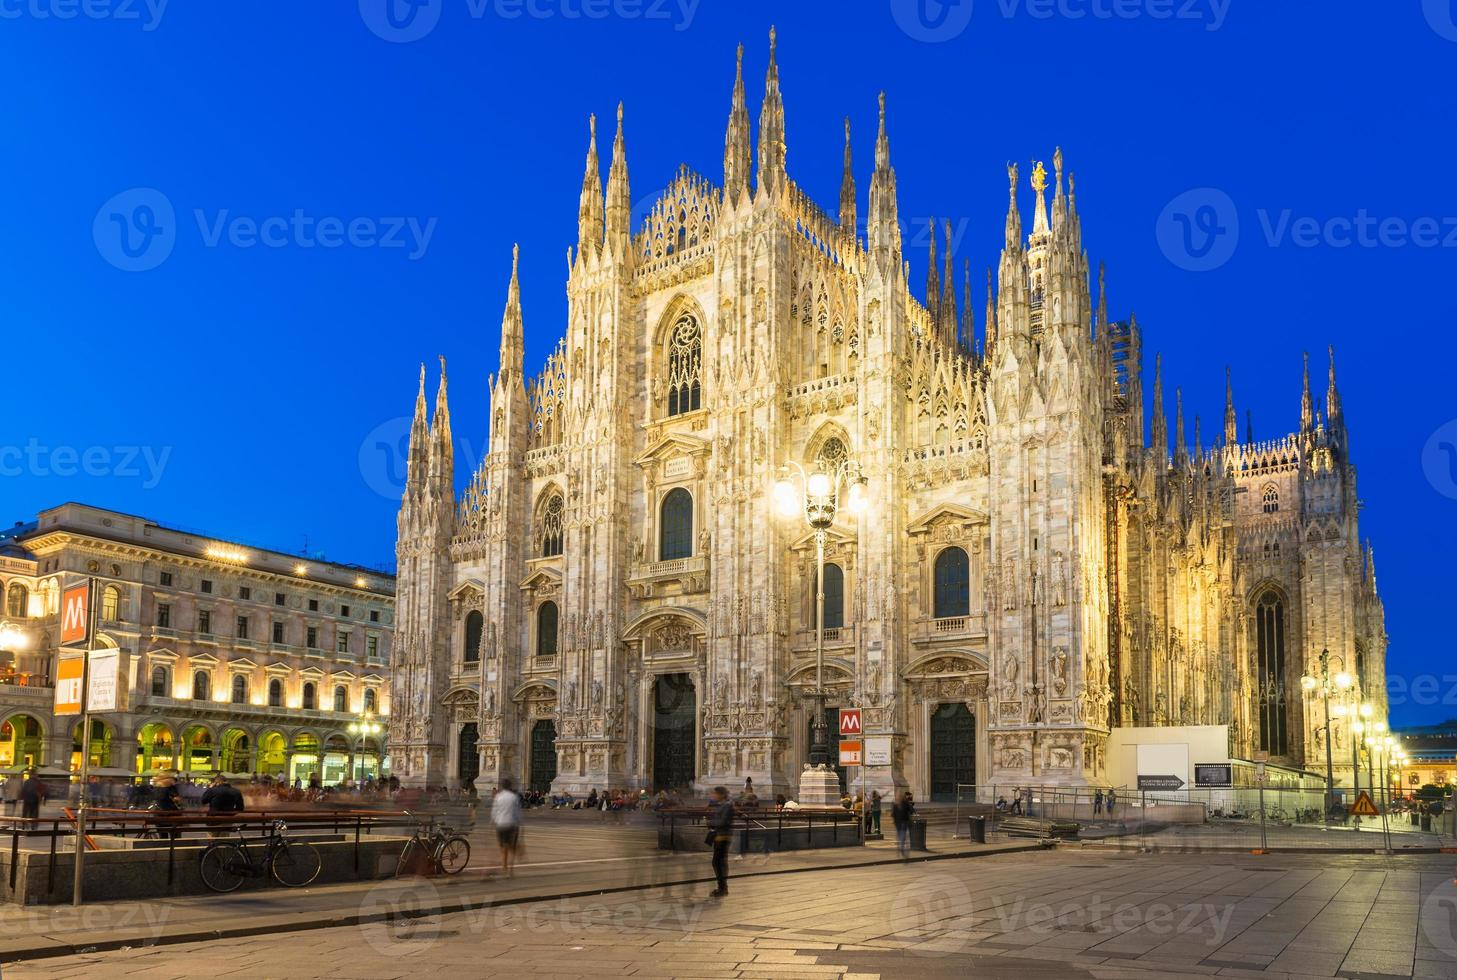 vista notturna della cattedrale di milano (duomo di milano) a milano foto